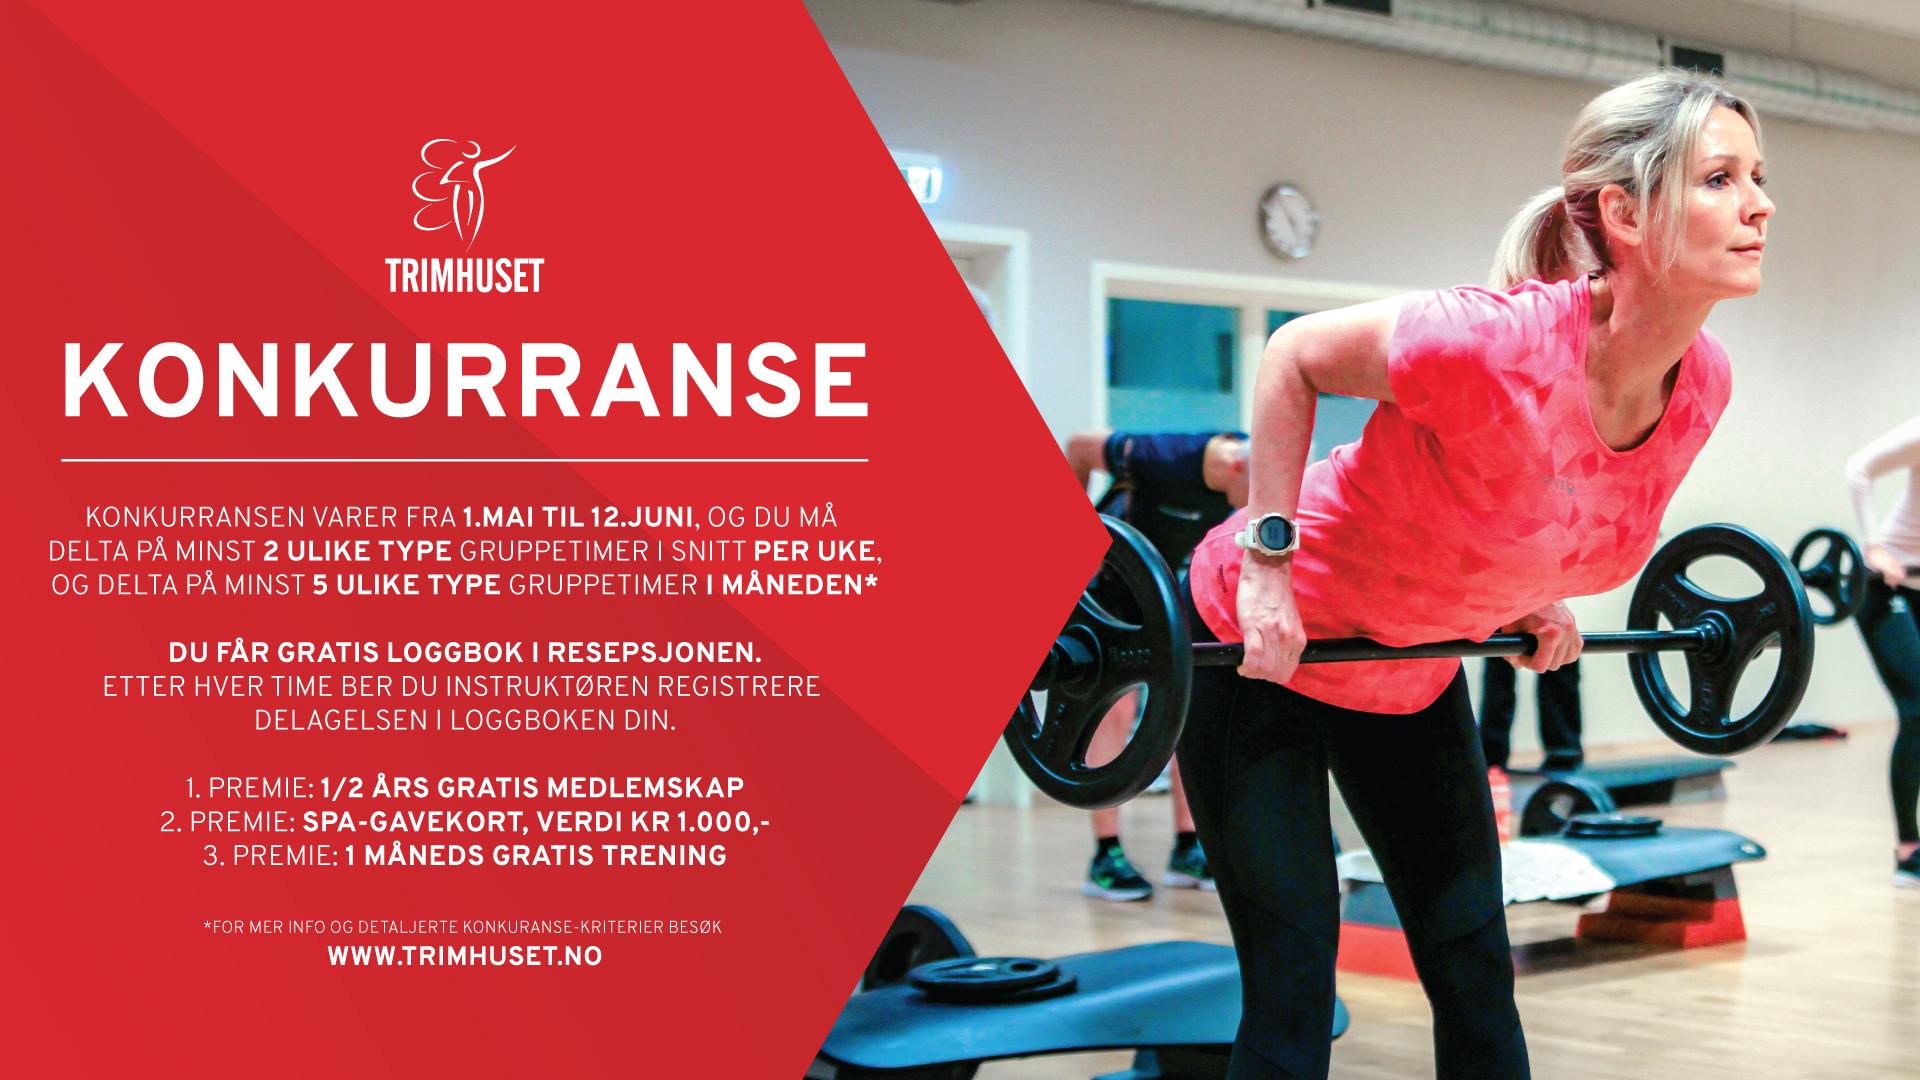 Trimhuset_Saltime-Konkurranse-2019_LIGGENDE-TV.jpg